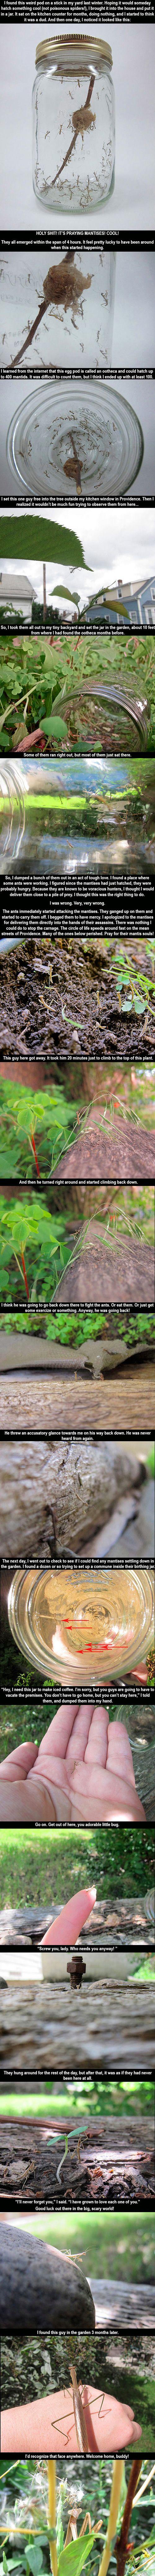 Something very interesting I found in my backyard.